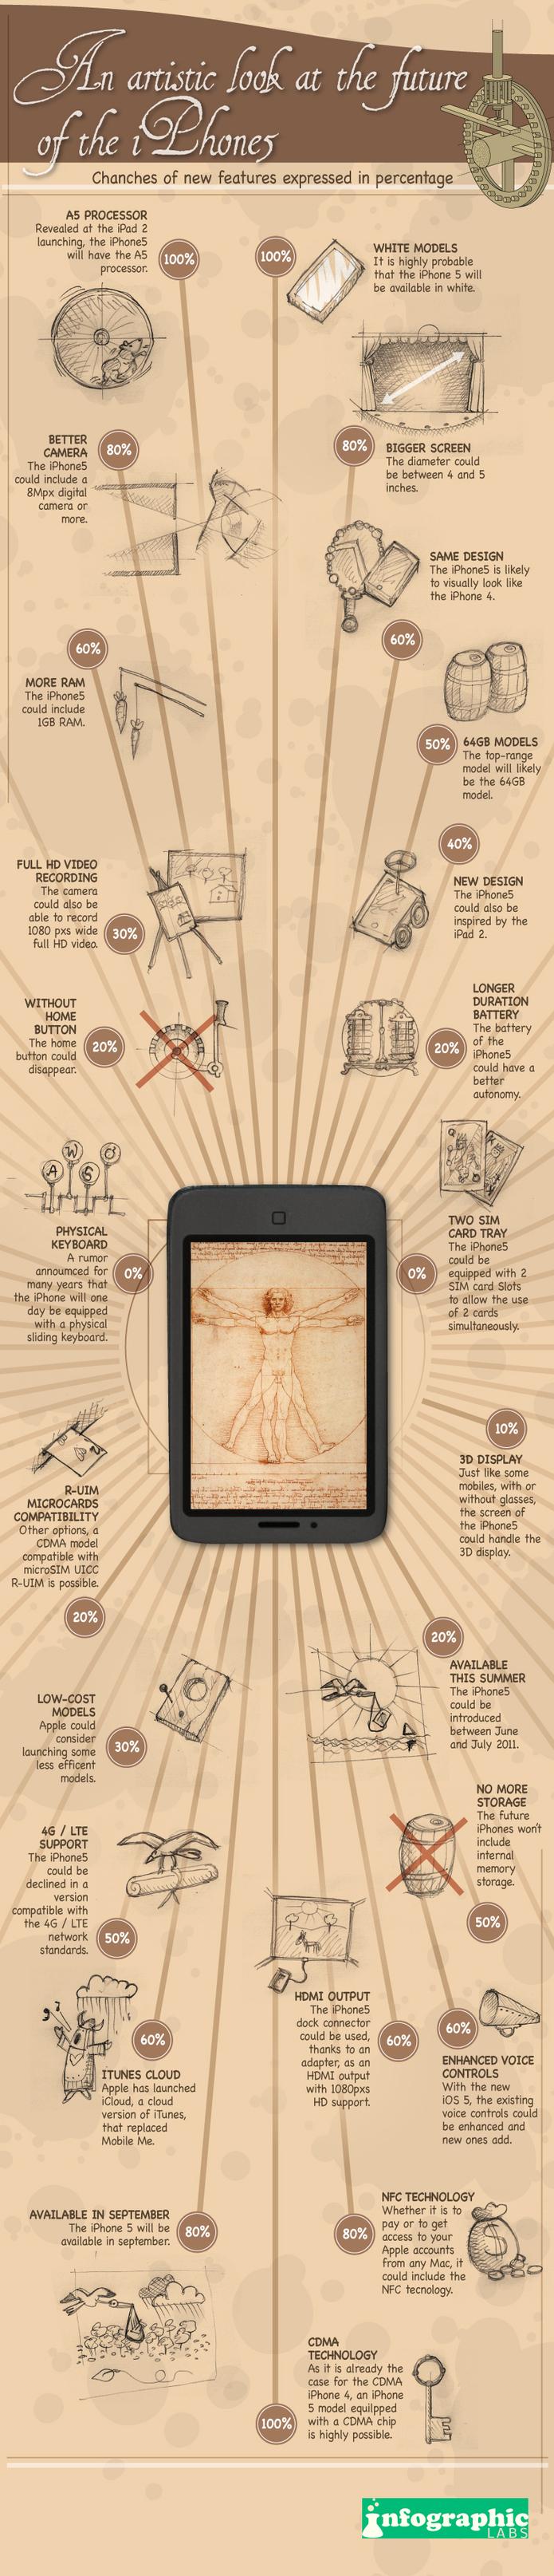 Les probables fonctions de l'iPhone 5 vues de façon artistique en 1 image